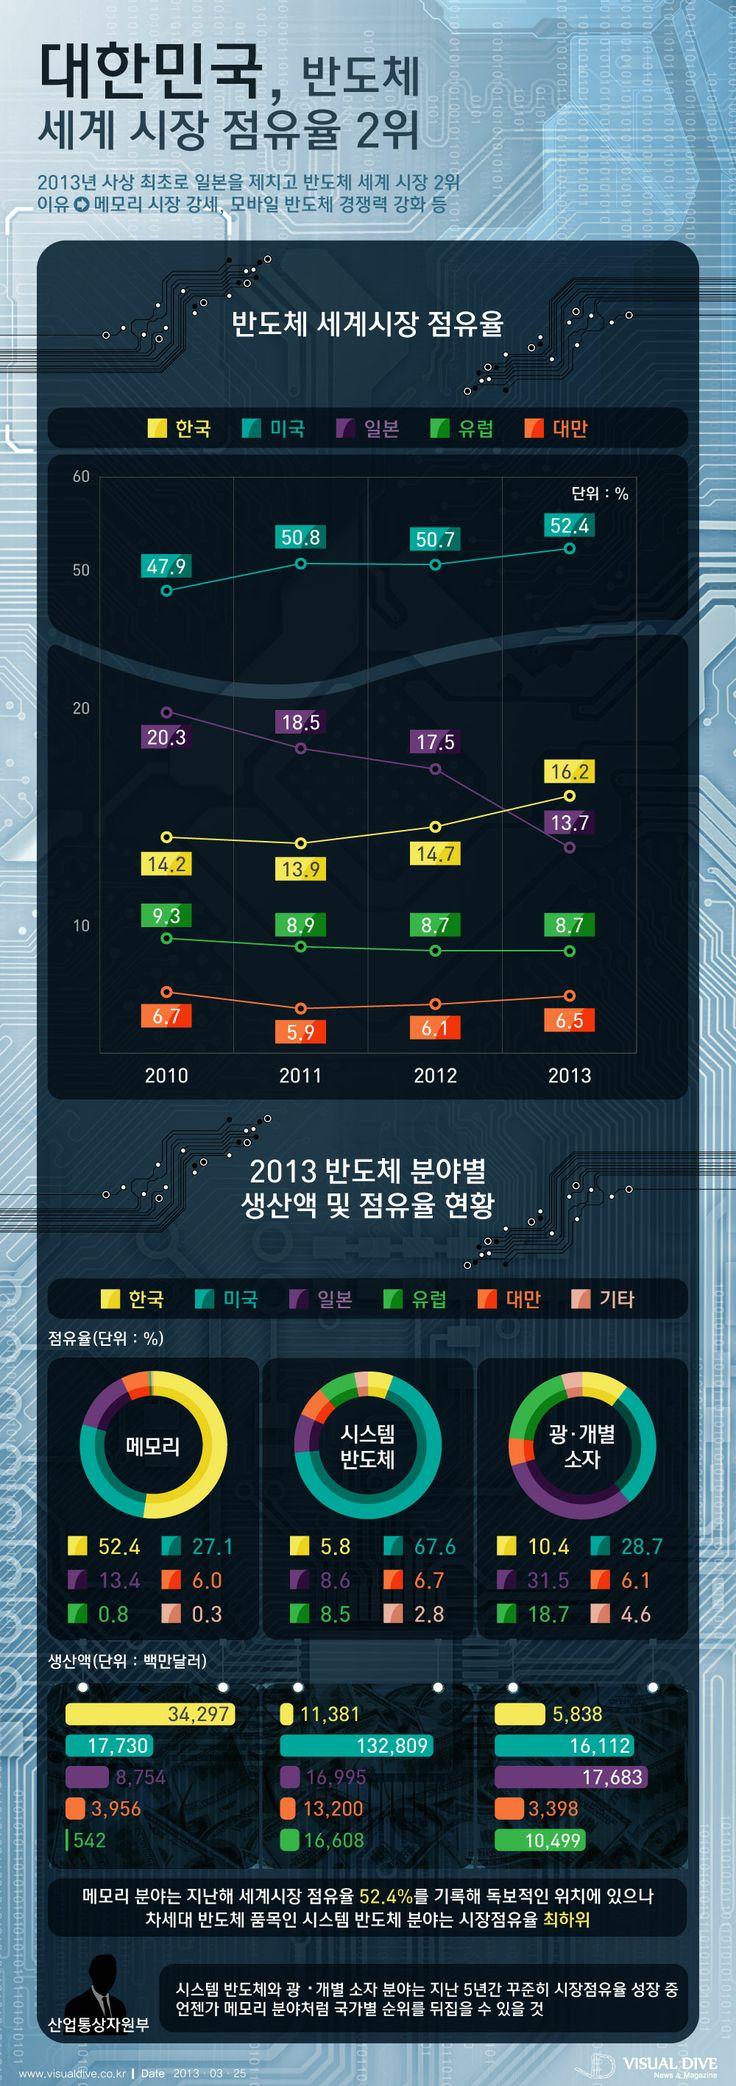 대한민국 반도체 세계 시장 점유율, 일본을 뛰어넘다 [인포그래픽] #semiconductor  #Infographic ⓒ 비주얼다이브 무단 복사·전재·재배포 금지